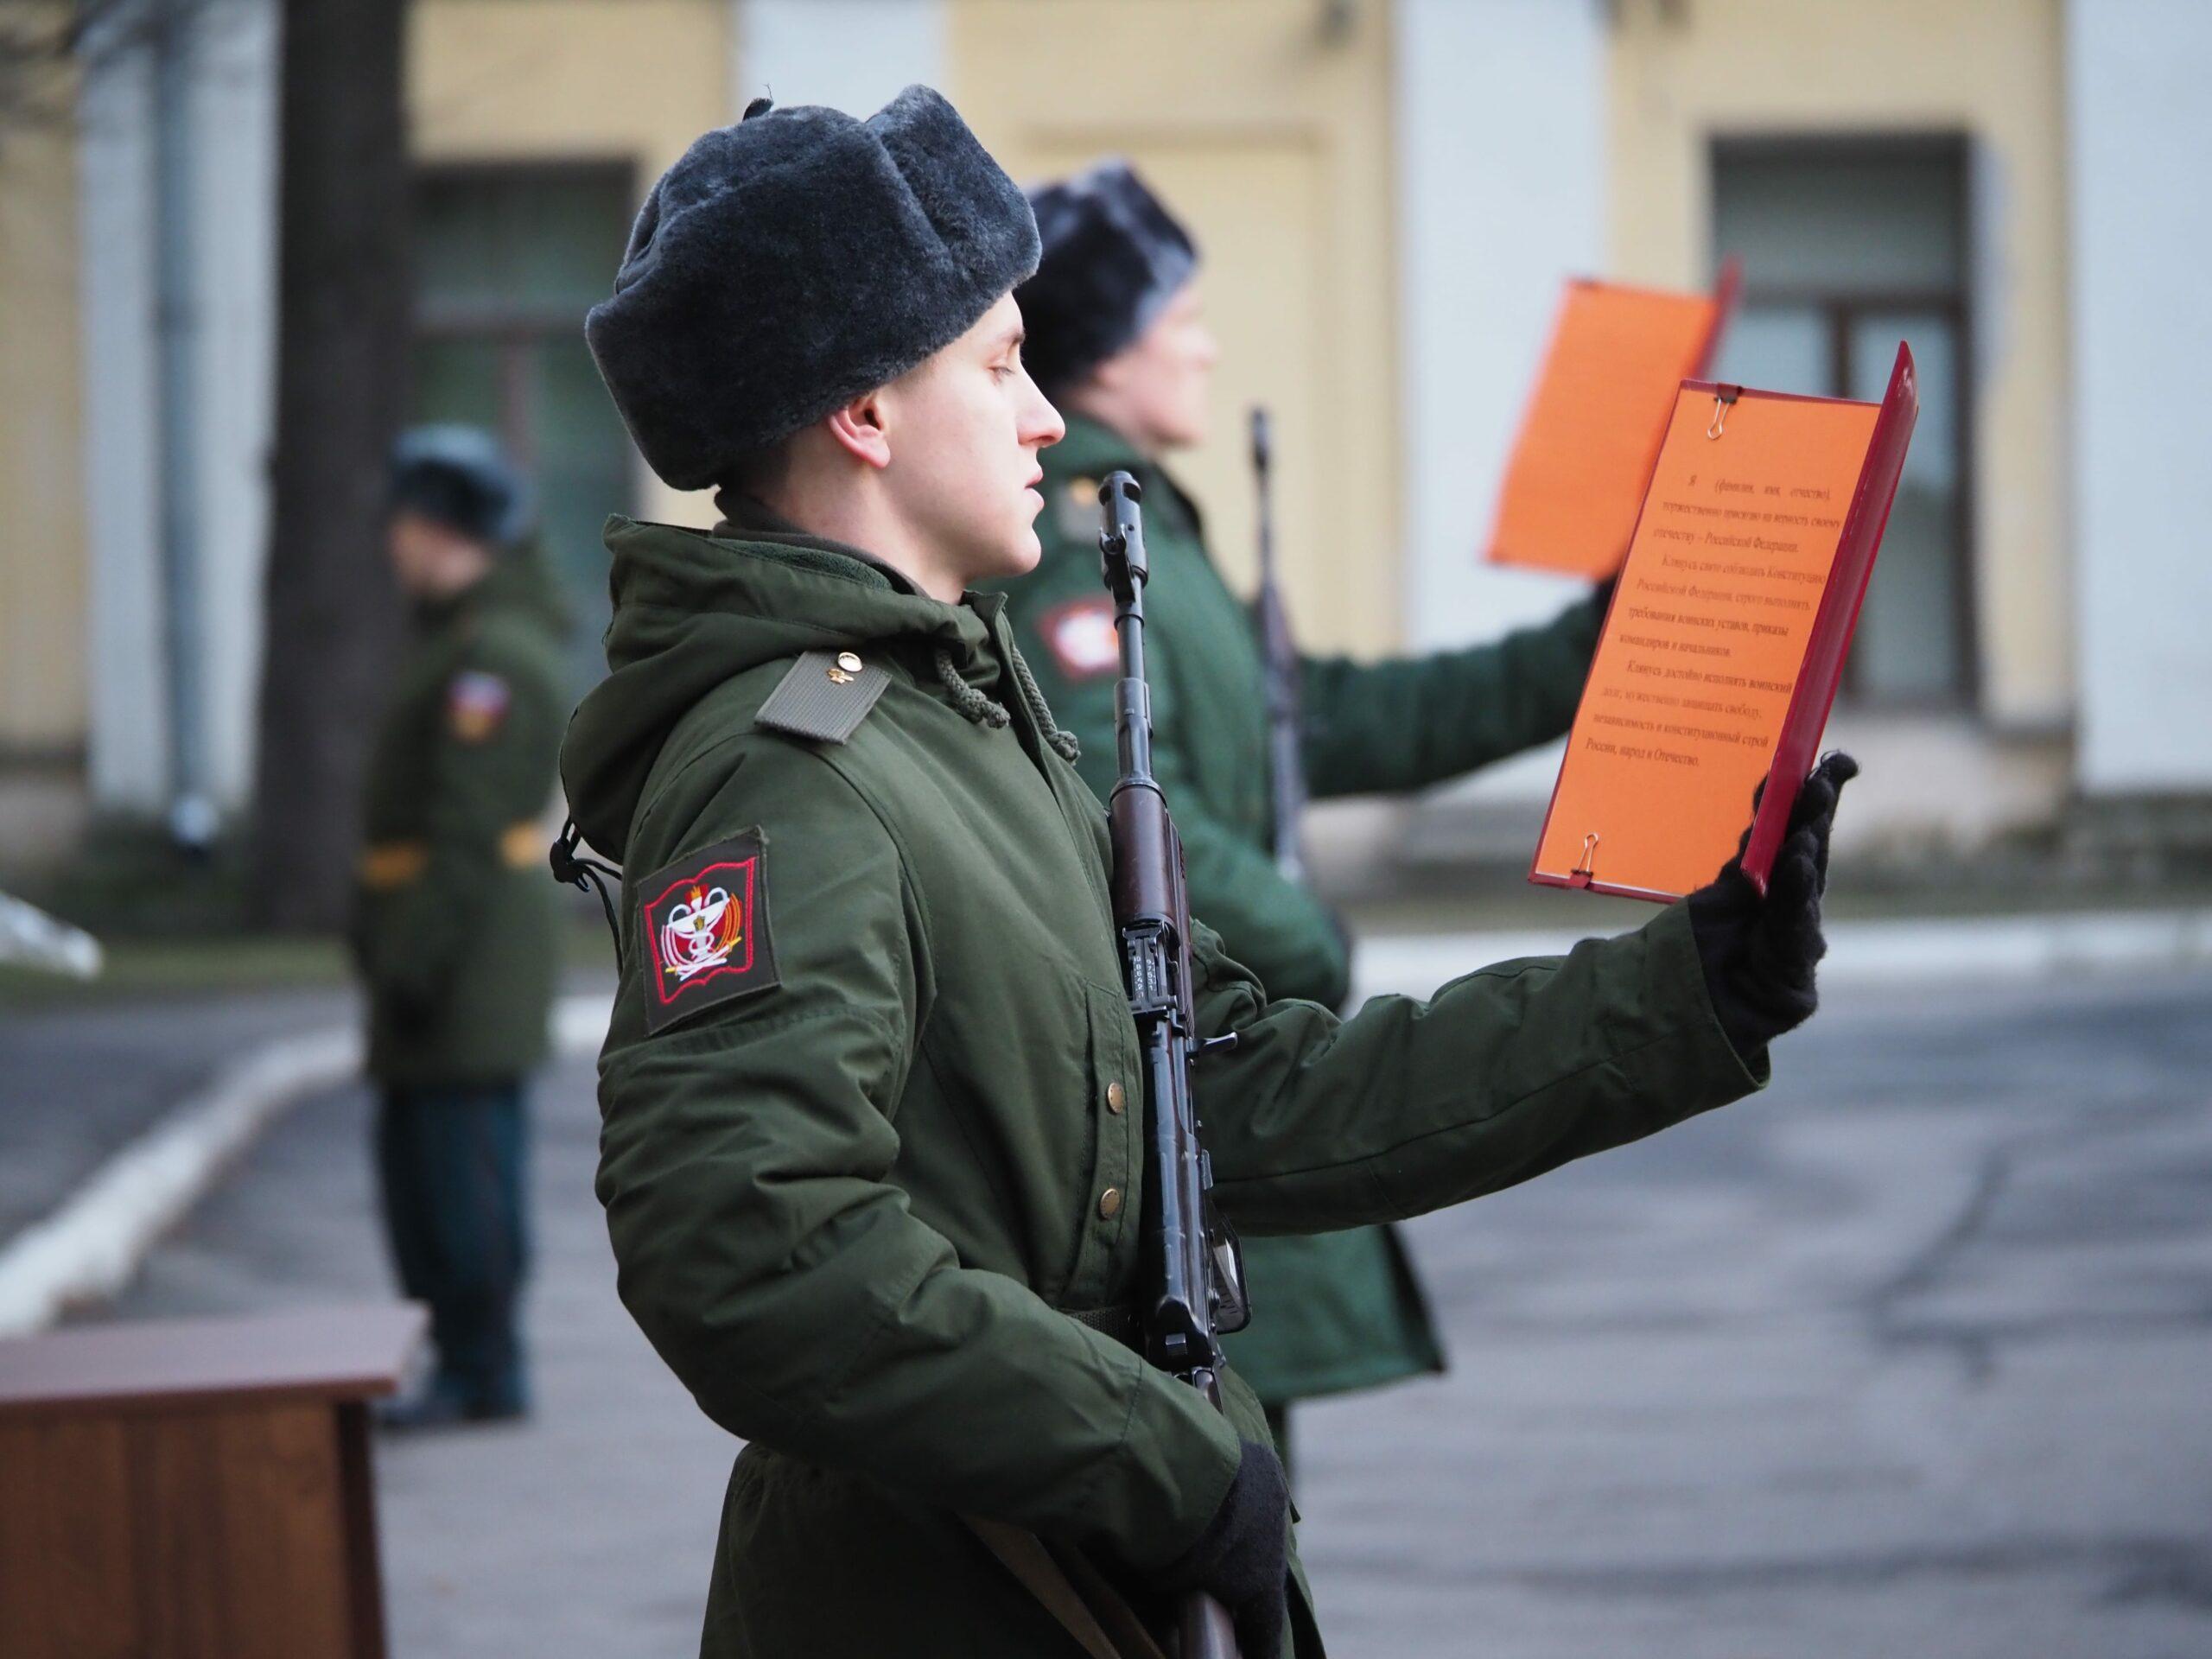 В Военно-медицинской академии состоялось торжественное приведение к военной присяге 11 призыва научной роты